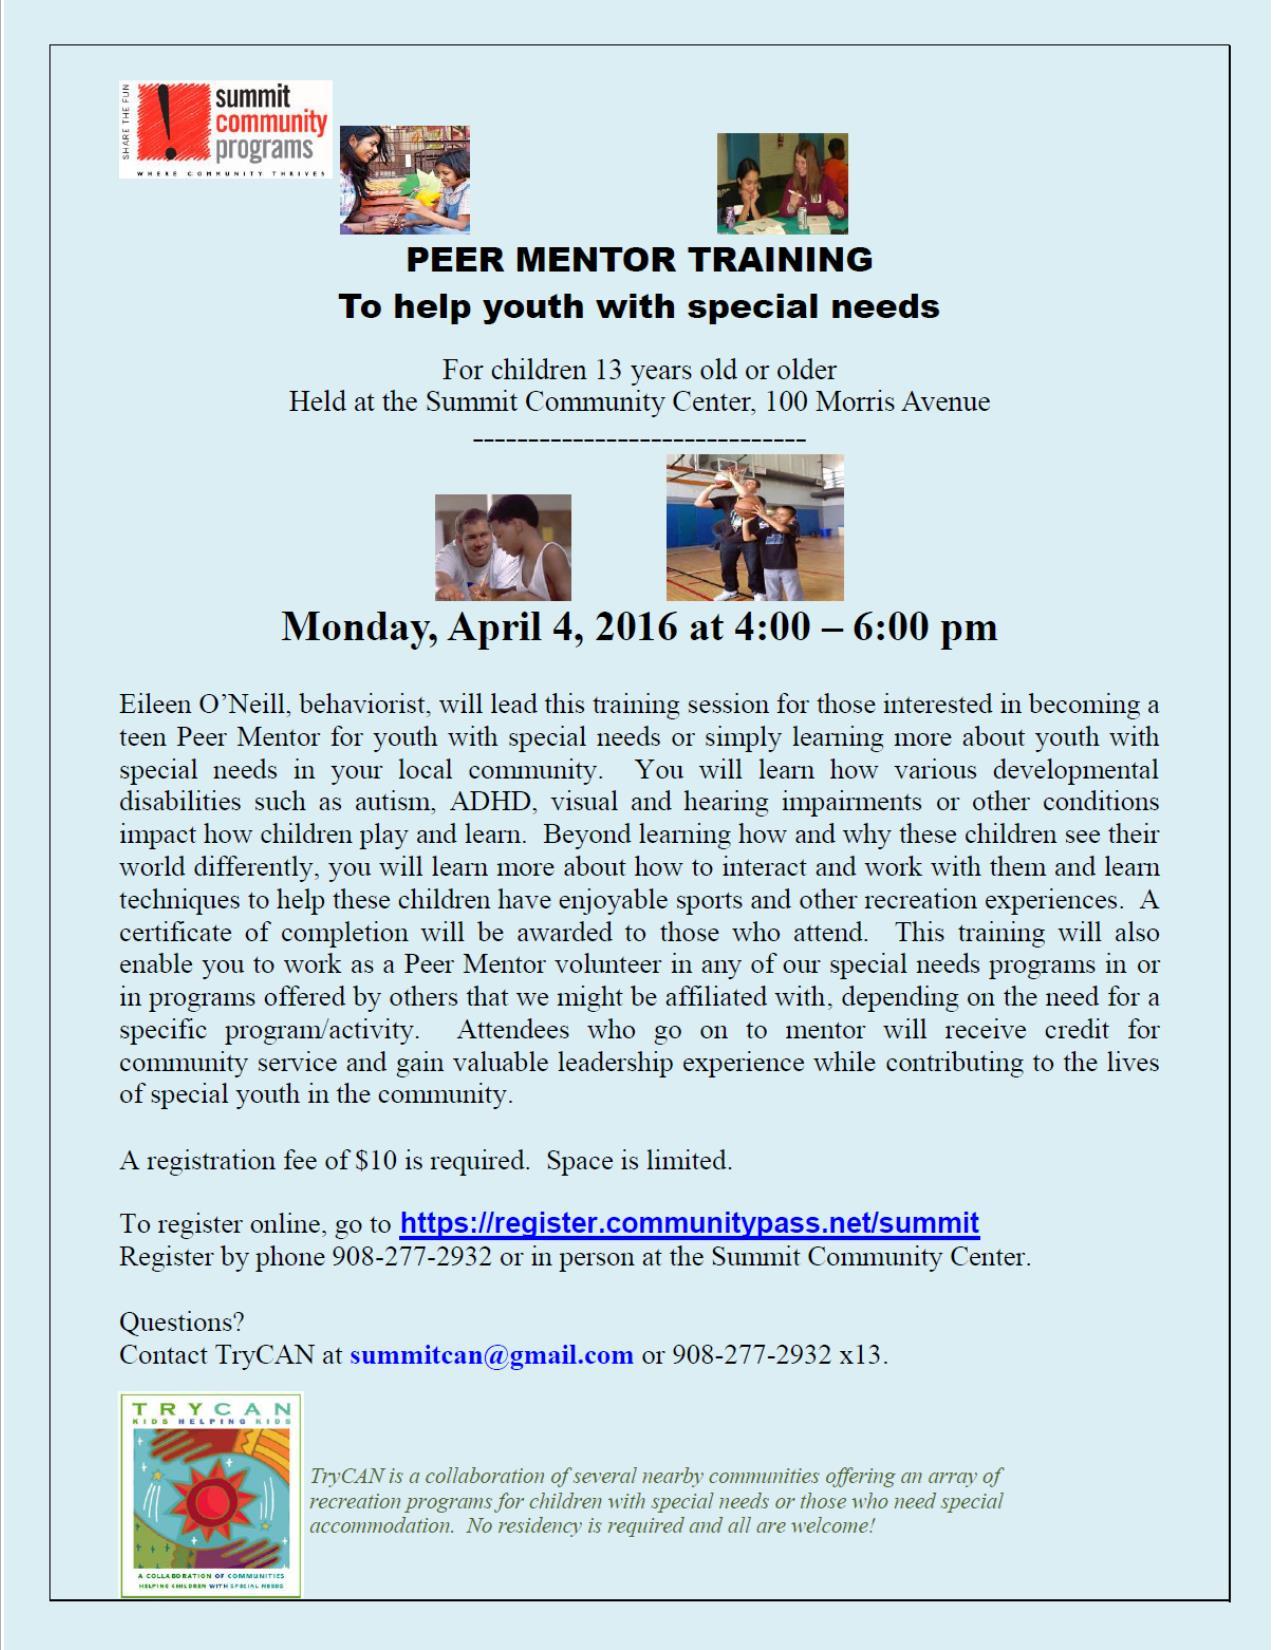 f90e3cda8c98e2a97c65_mentor_training_flyer_April_2016.jpg